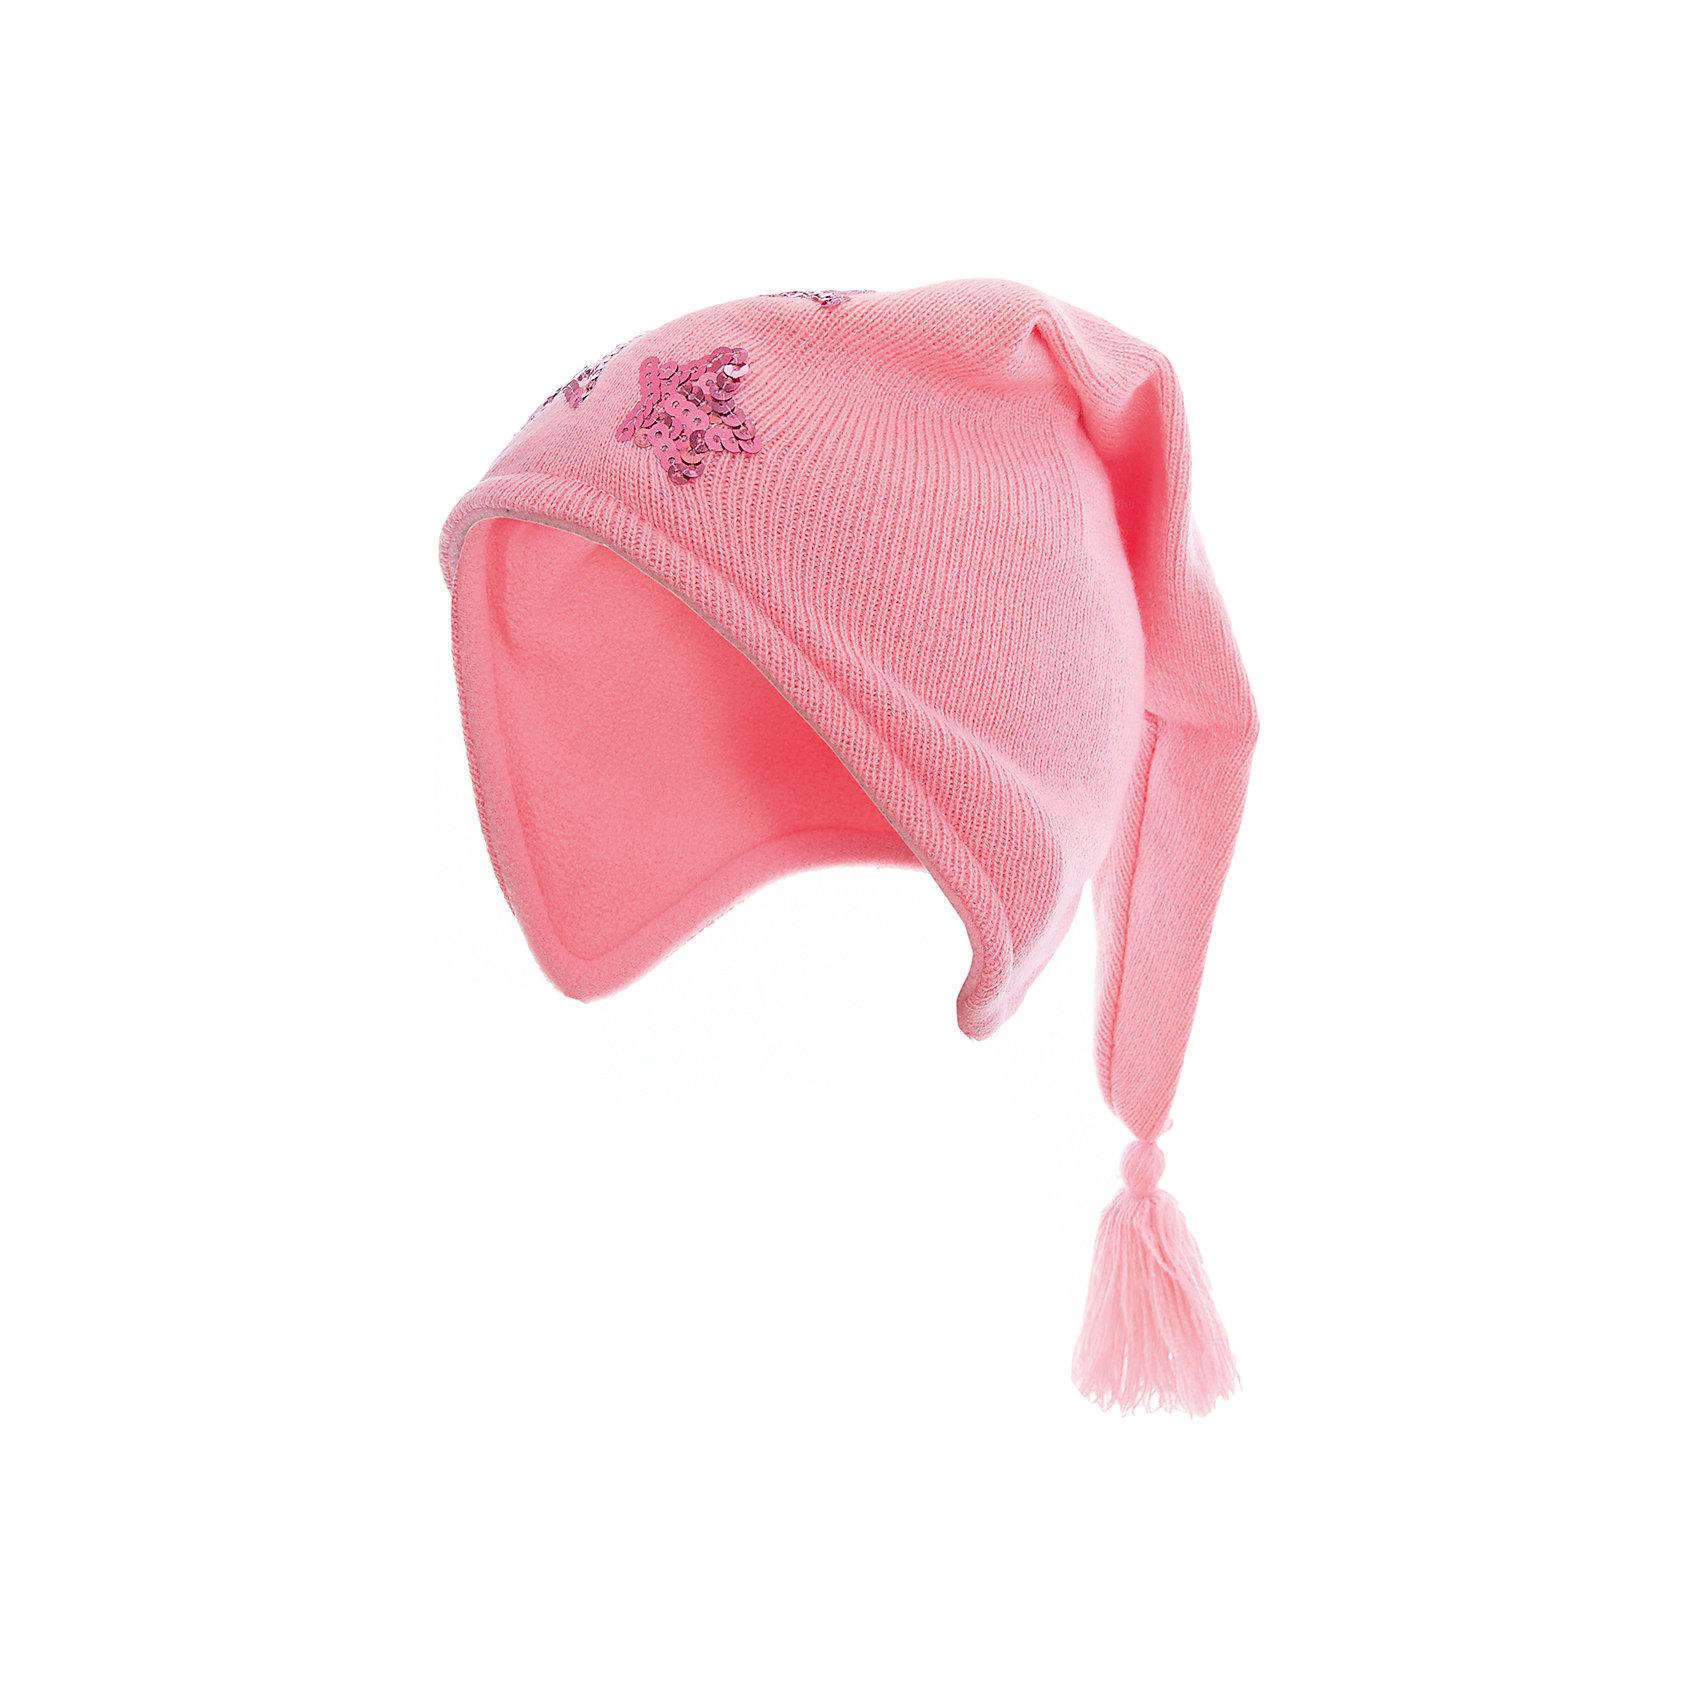 Шапка для девочки PlayTodayГоловные уборы<br>Характеристики товара:<br><br>• цвет: розовый<br>• состав: 100% акрил, подкладка: 100% полиэстер<br>• эластичная вязка<br>• плотно прилегает к голове<br>• дышащий материал<br>• декорирована пайетками<br>• комфортная посадка<br>• коллекция: весна-лето 2017<br>• страна бренда: Германия<br>• страна производства: Китай<br><br>Популярный бренд PlayToday выпустил новую коллекцию! Вещи из неё продолжают радовать покупателей удобством, стильным дизайном и продуманным кроем. Дети носят их с удовольствием. PlayToday - это линейка товаров, созданная специально для детей. Дизайнеры учитывают новые веяния моды и потребности детей. Порадуйте ребенка обновкой от проверенного производителя!<br>Такая симпатичная модель обеспечит ребенку комфорт благодаря качественному материалу и продуманному крою. С помощью неё можно удобно одеться по погоде. Очень модная вещь! Отлично подходит для переменной погоды межсезонья.<br><br>Шапку для девочки от известного бренда PlayToday можно купить в нашем интернет-магазине.<br><br>Ширина мм: 89<br>Глубина мм: 117<br>Высота мм: 44<br>Вес г: 155<br>Цвет: светло-розовый<br>Возраст от месяцев: 12<br>Возраст до месяцев: 18<br>Пол: Женский<br>Возраст: Детский<br>Размер: 48,46<br>SKU: 5408205